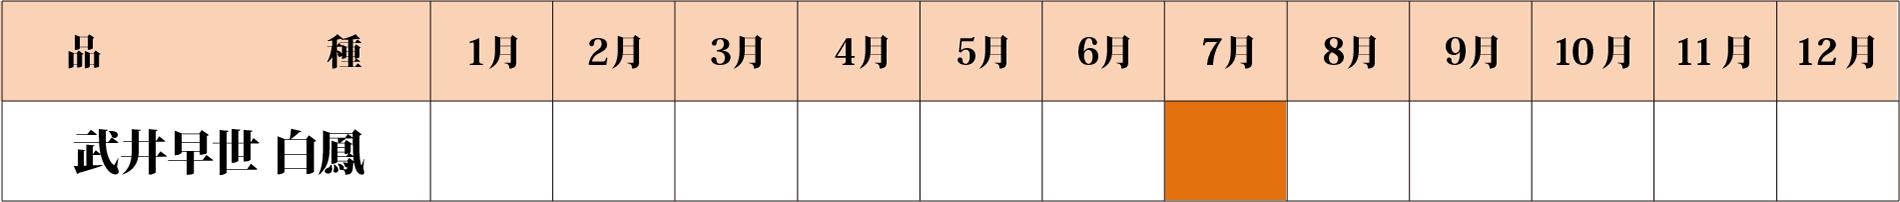 武井早世白鳳カレンダー